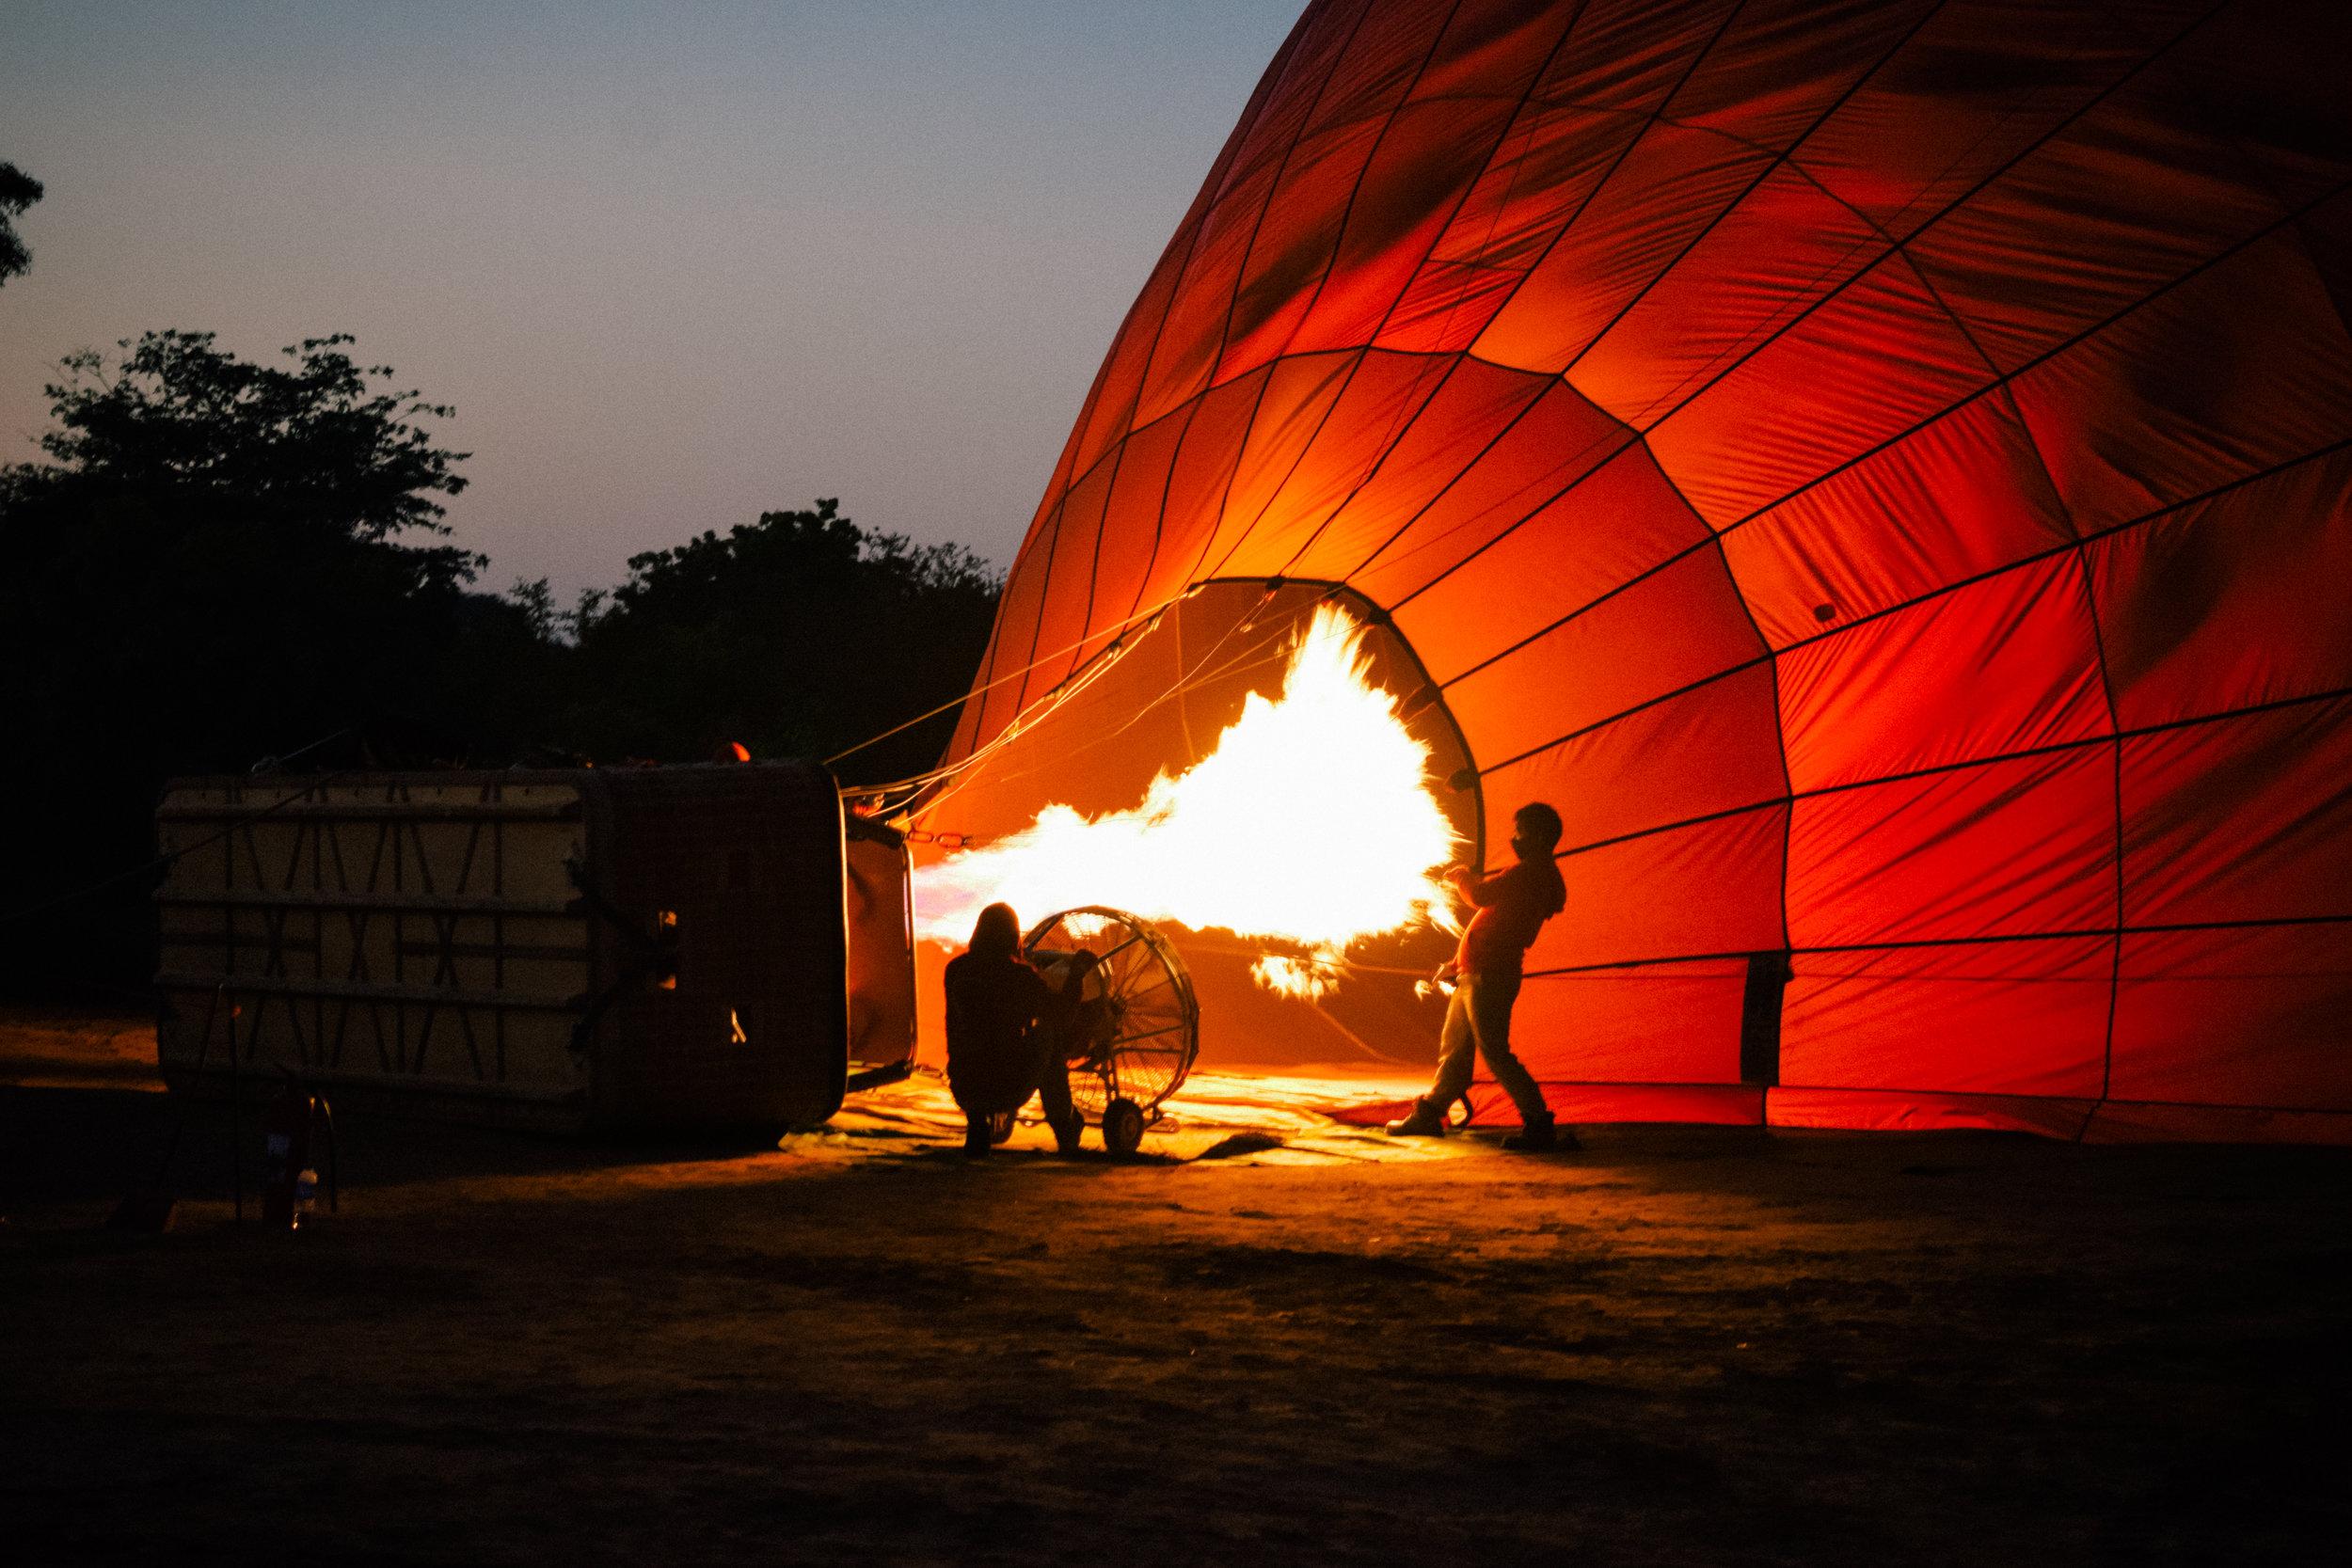 fire in balloons in bagan, myanmar